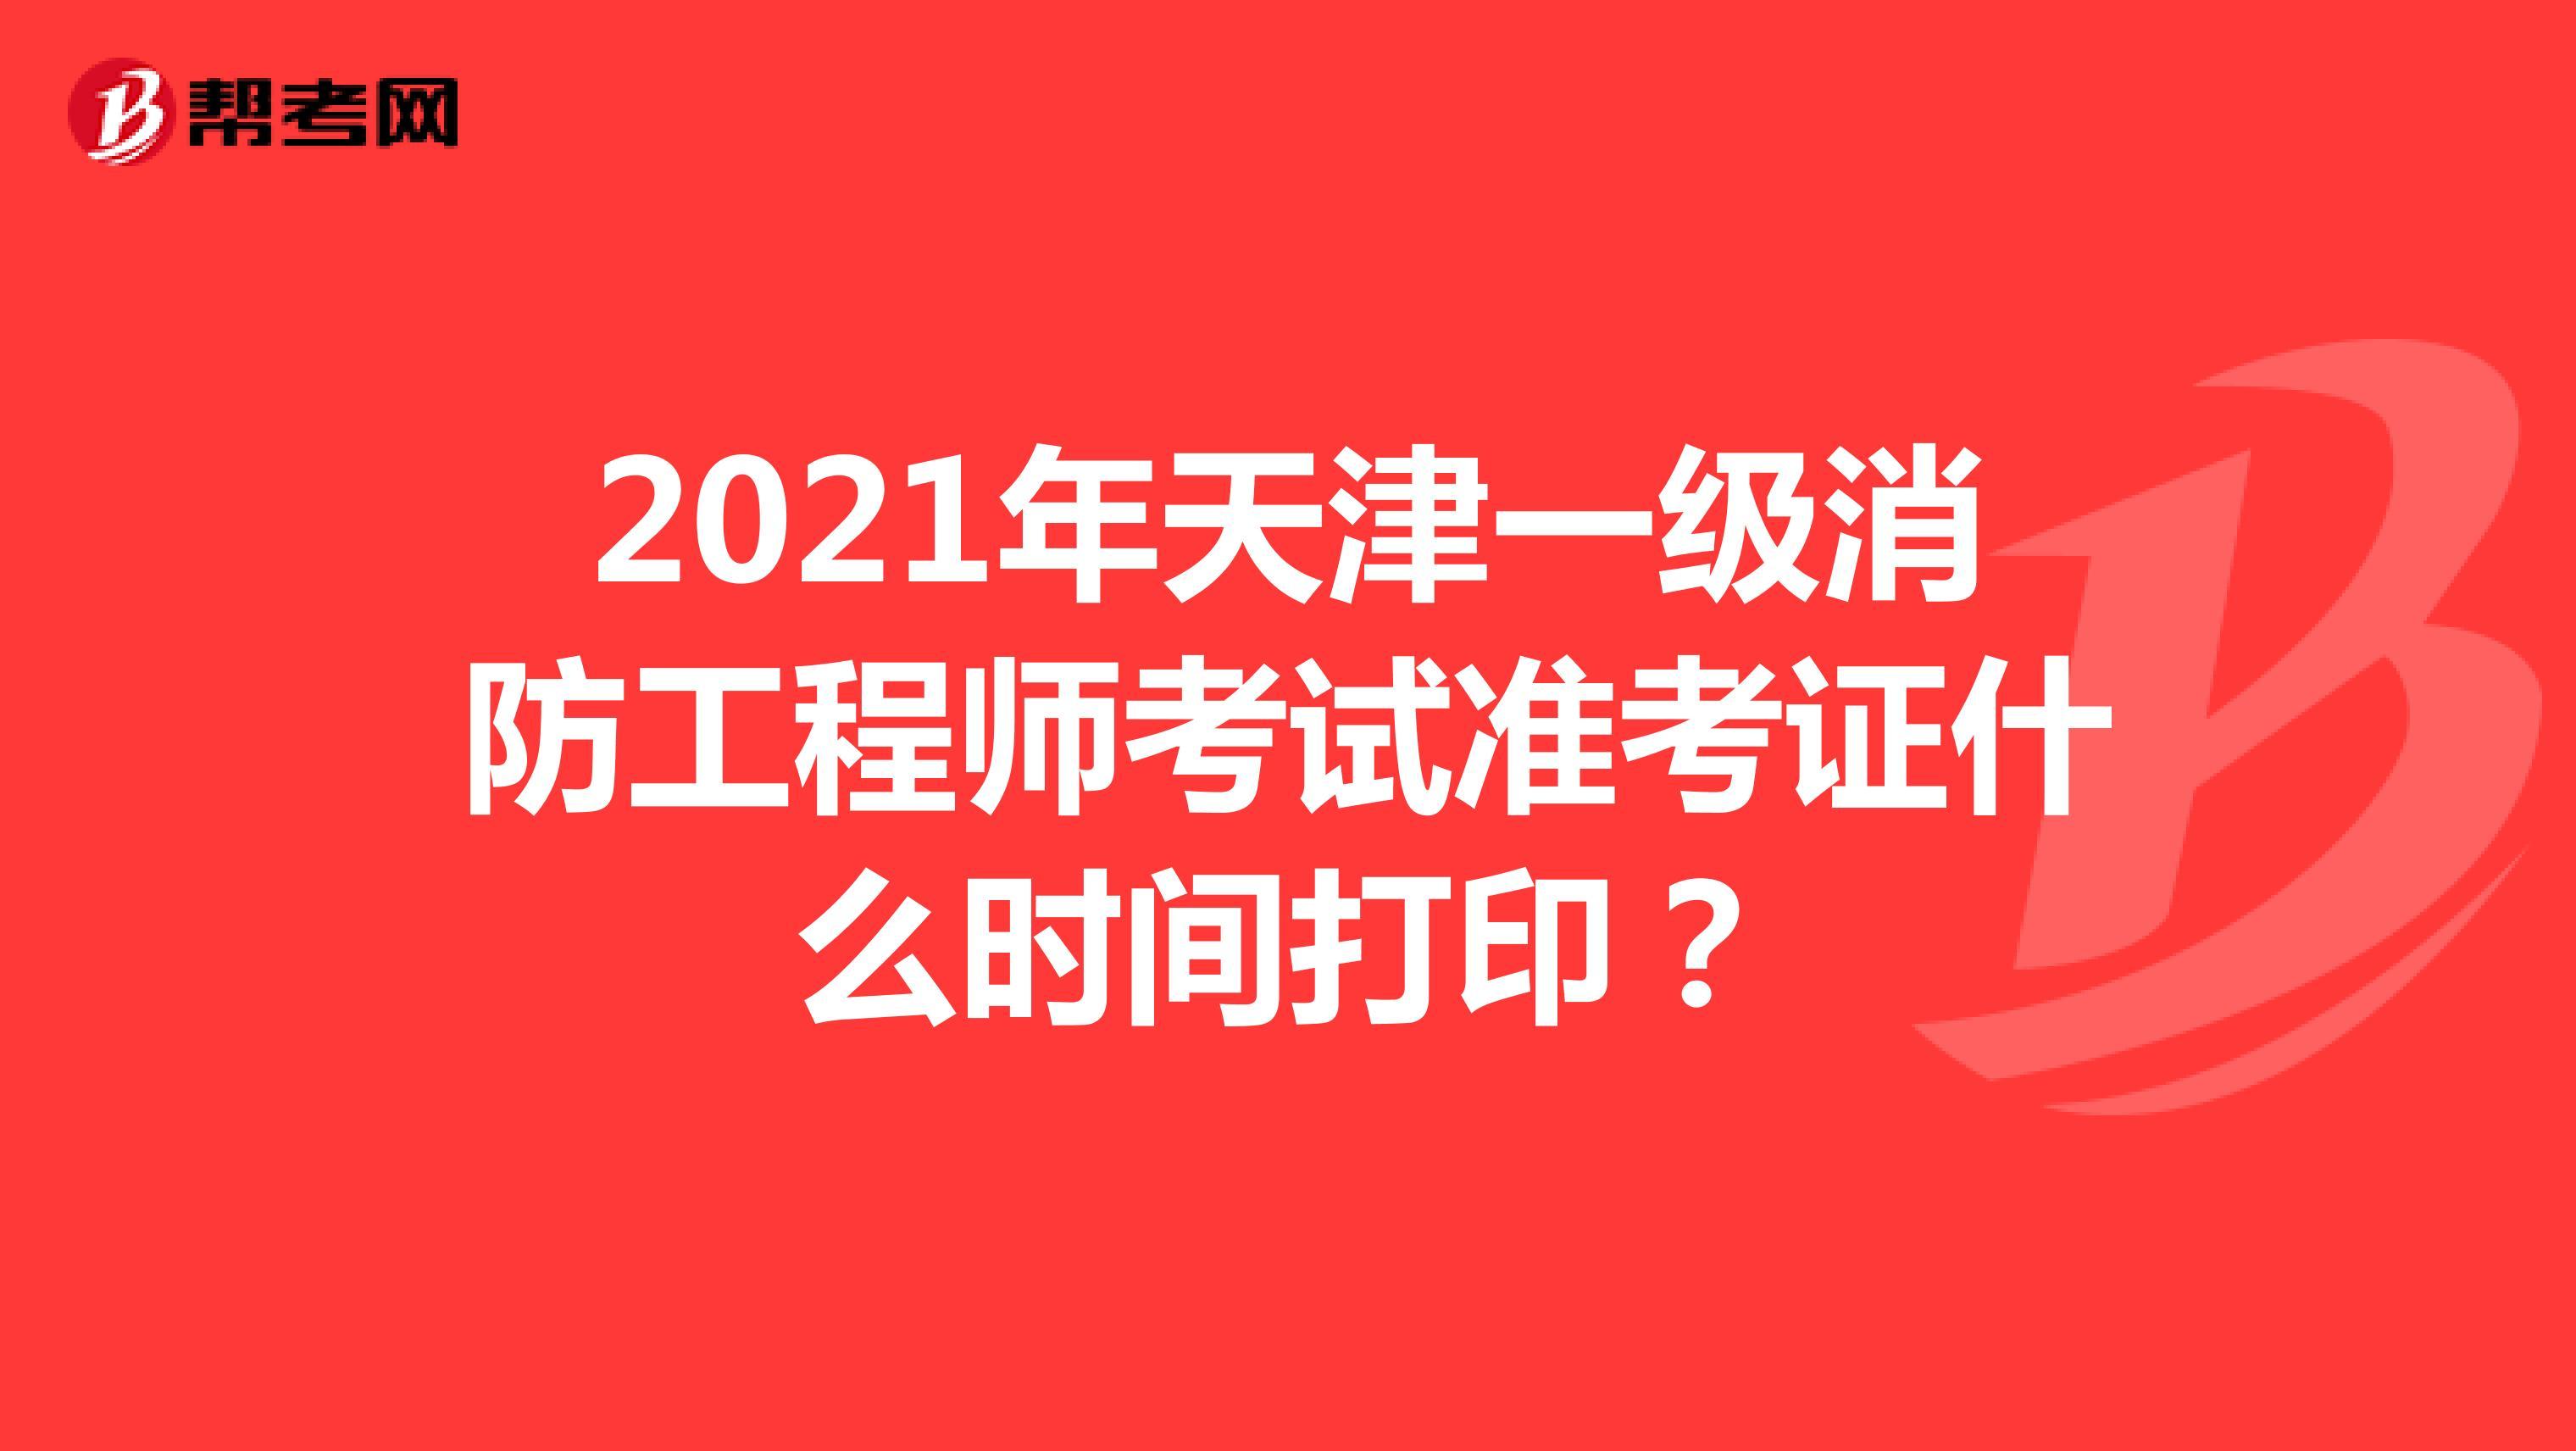 2021年天津一级消防工程师考试准考证什么时间打印?